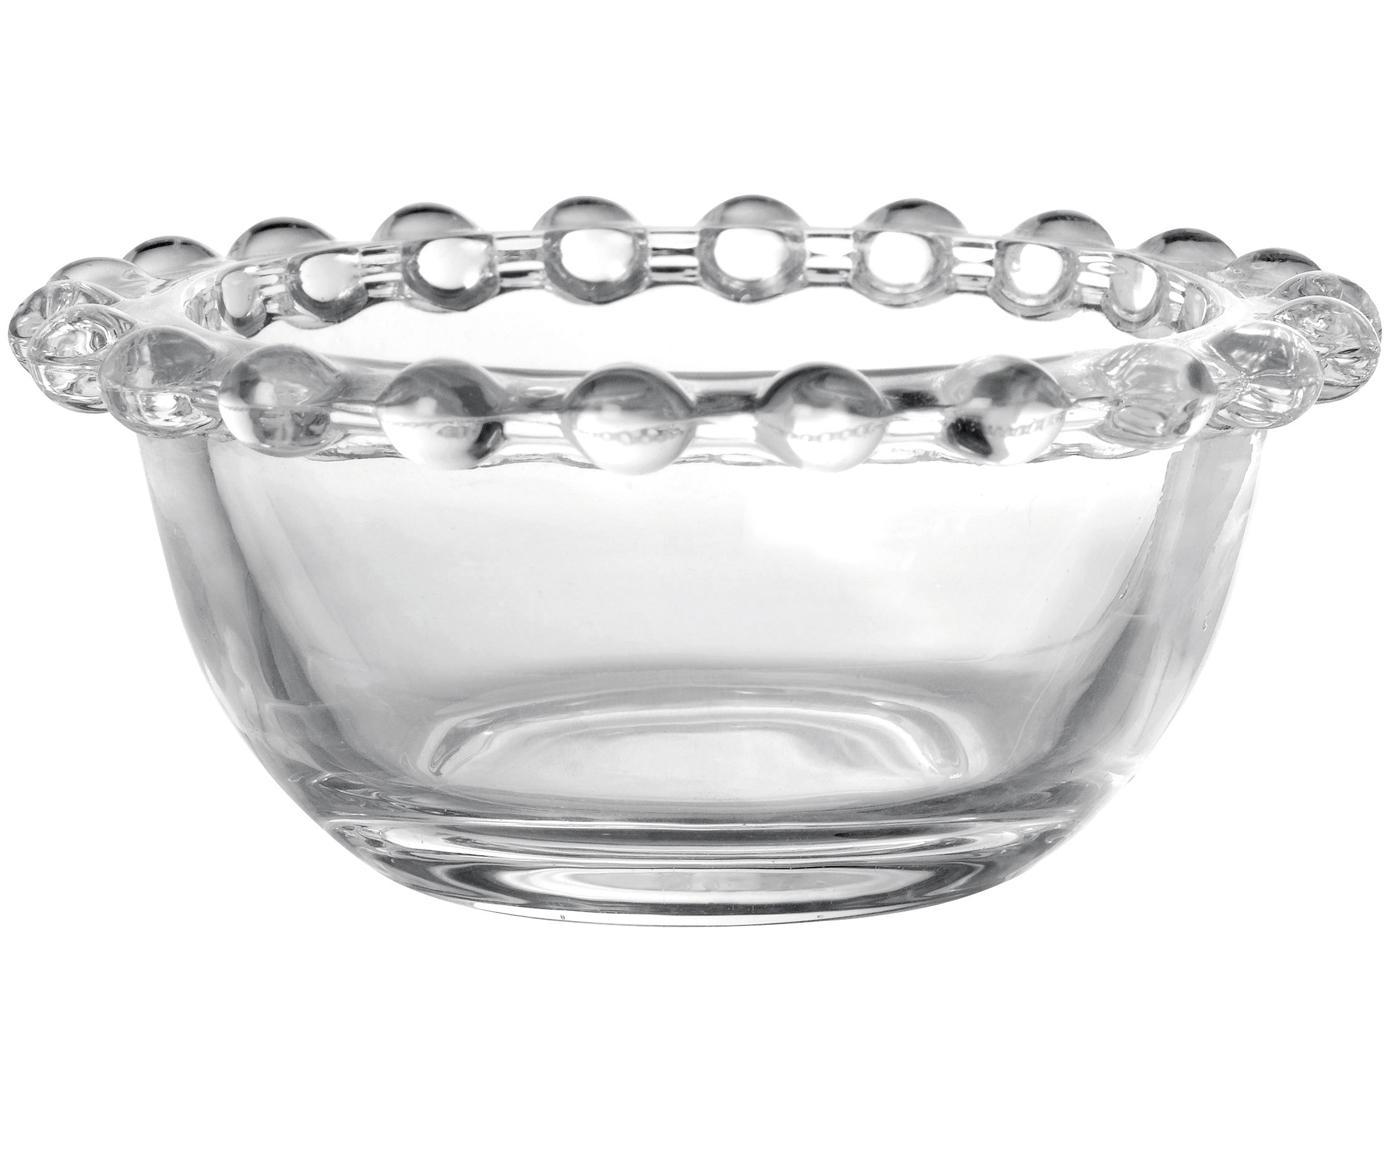 Mała miseczka Perles, 2 szt., Transparentny, Ø 9 x 4 cm